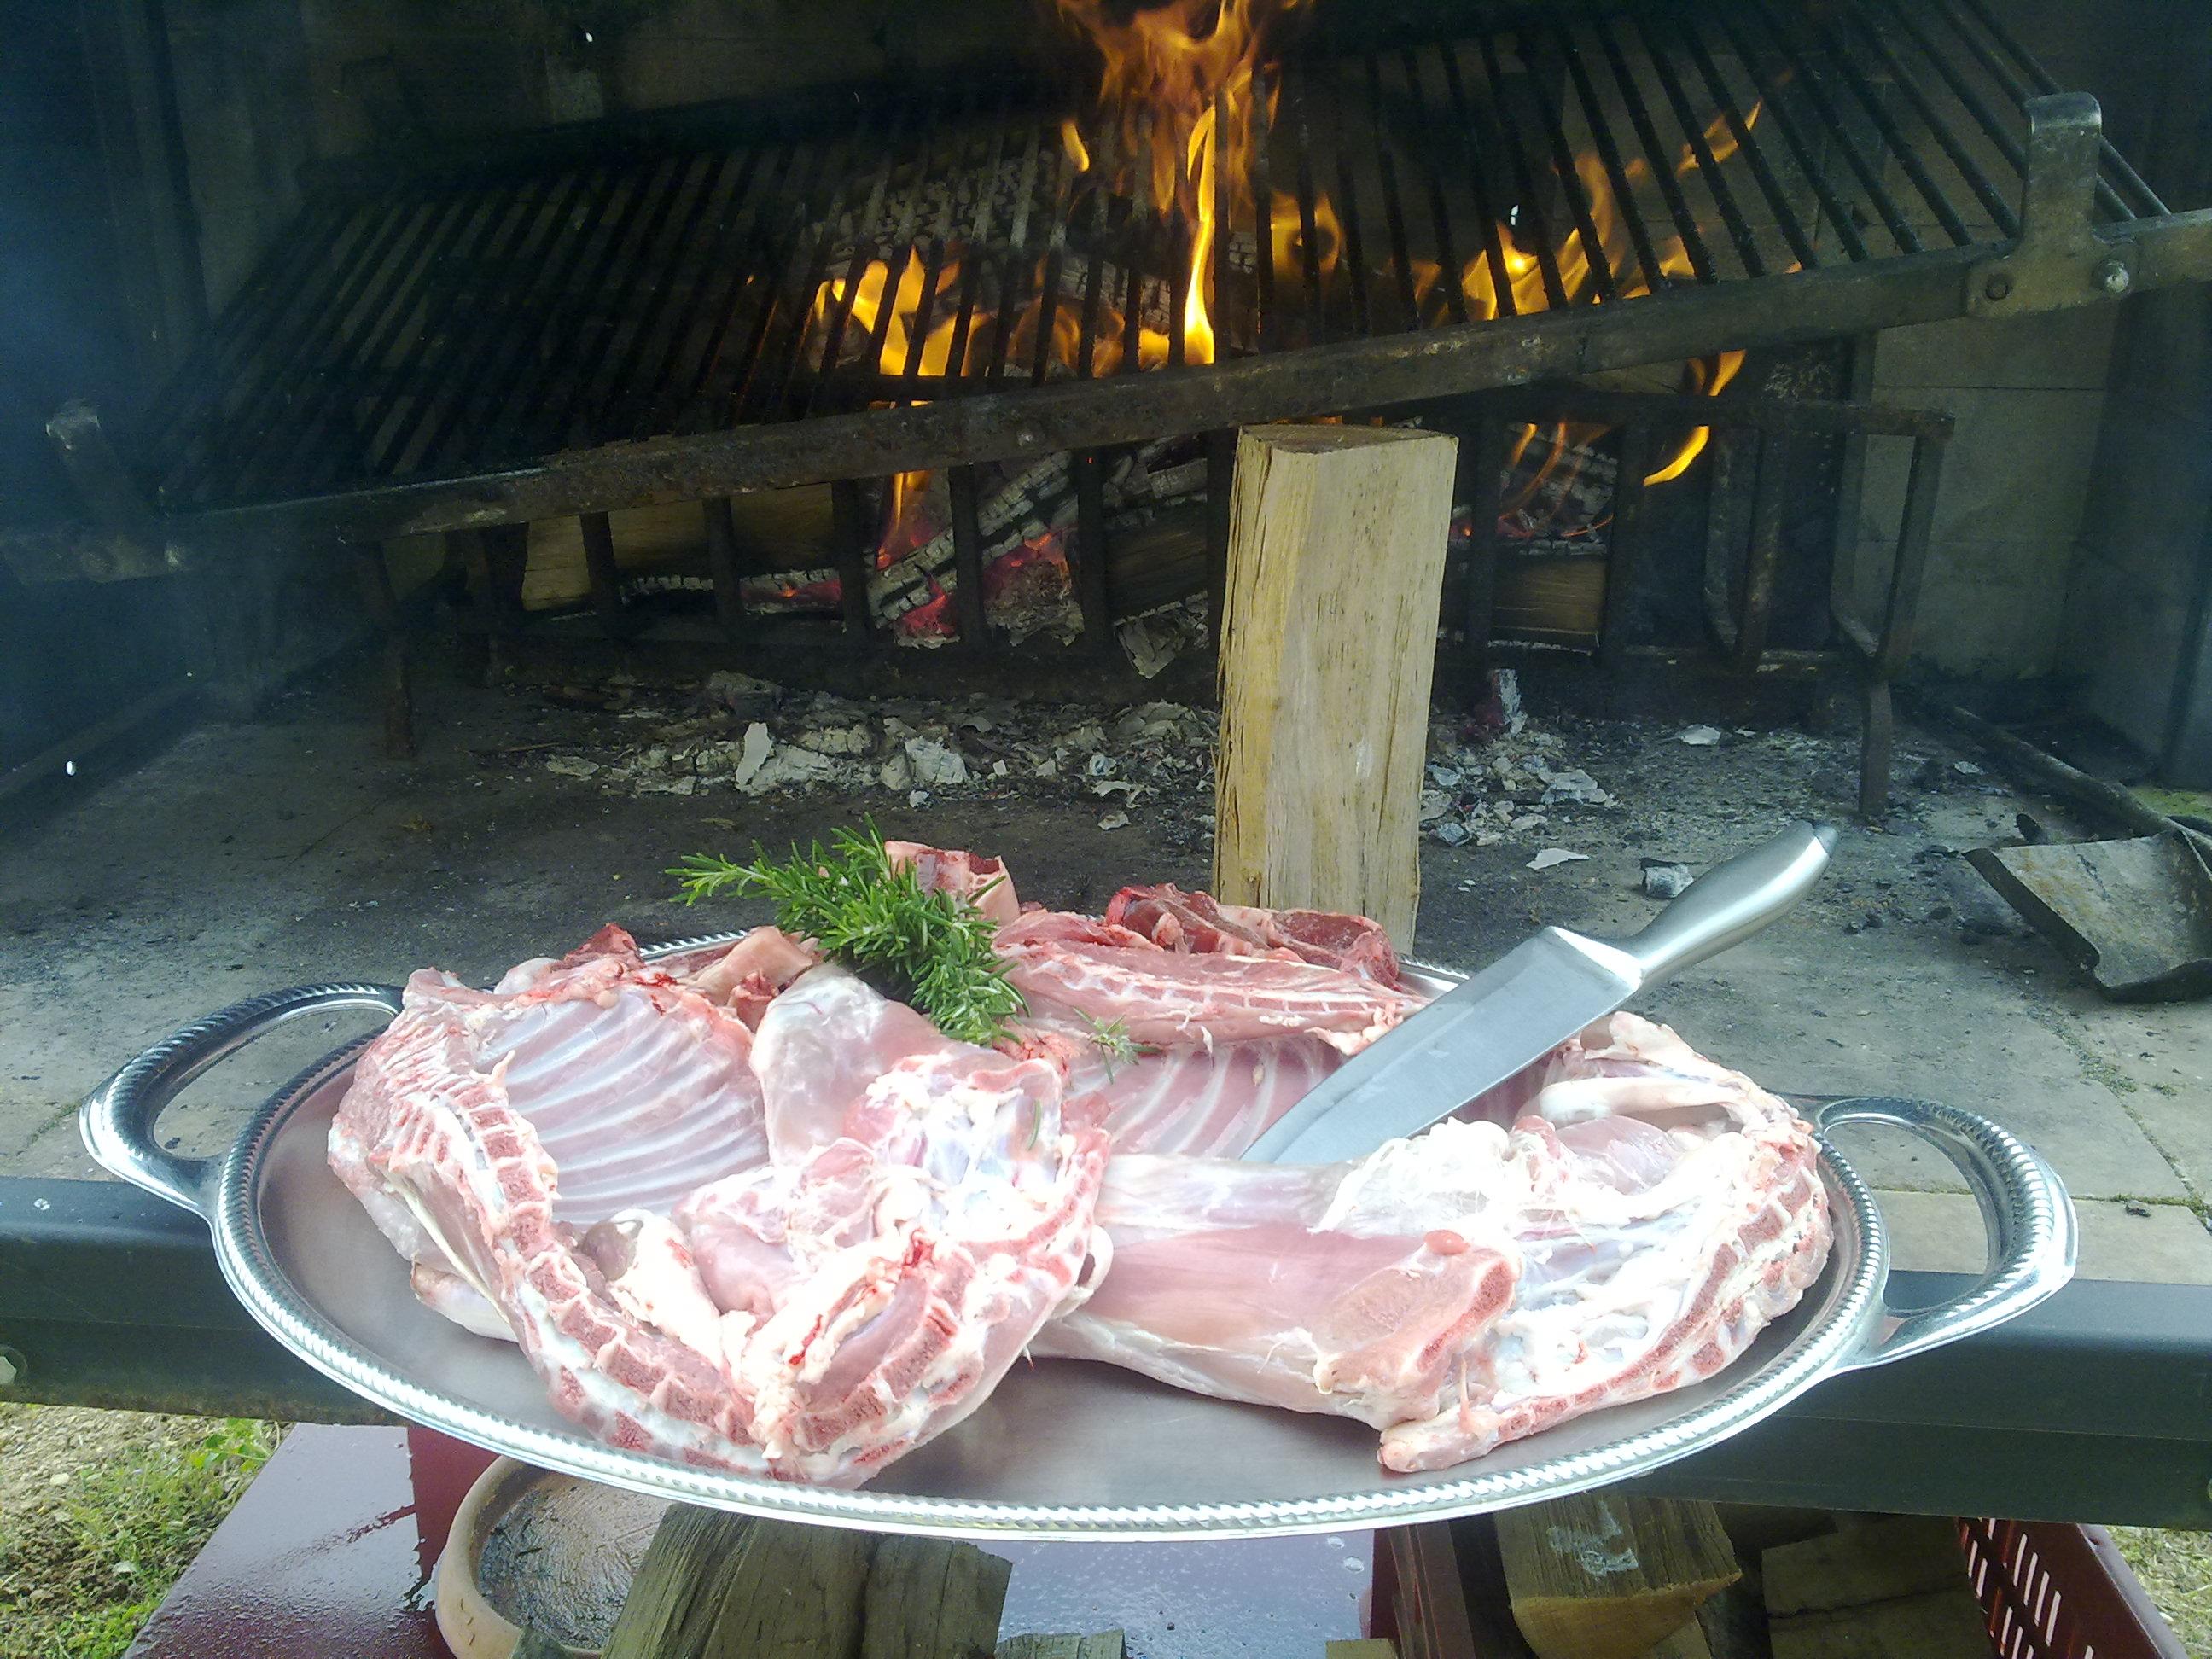 Capretto in 2 metà e bciline d'agnello pronte per la griglia